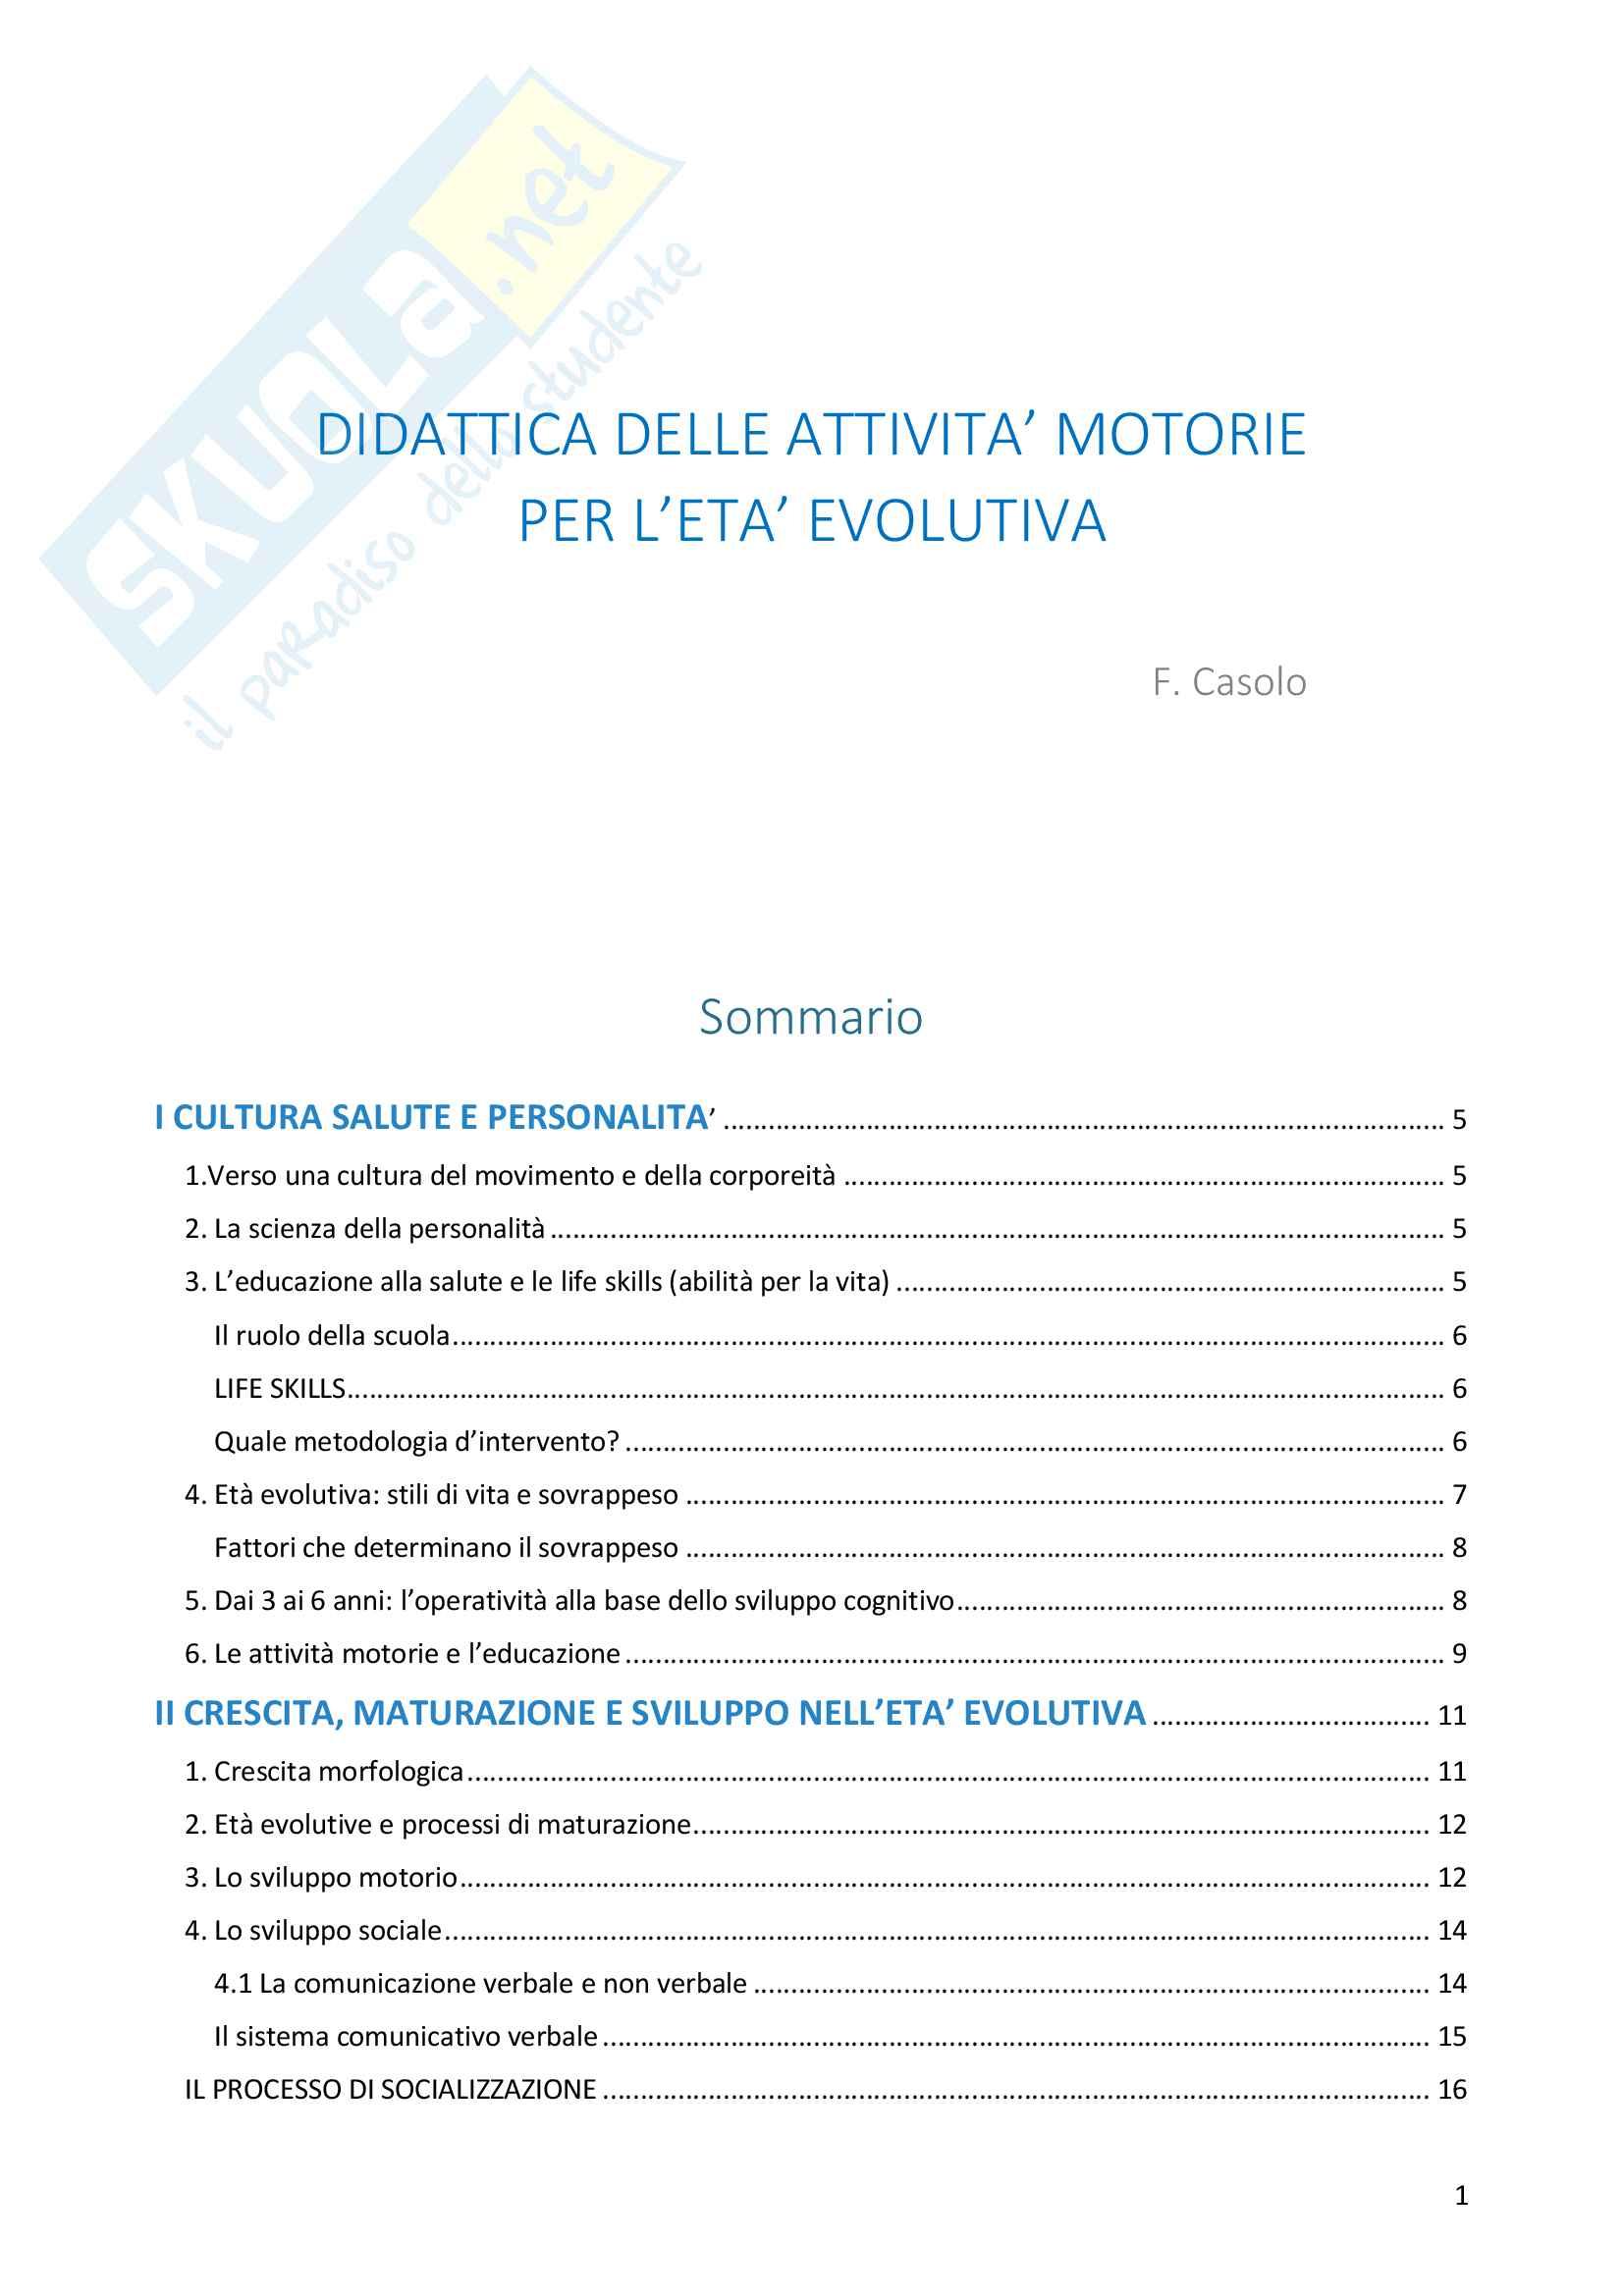 appunto F. D'Elia Metodi e didattica delle attività motorie